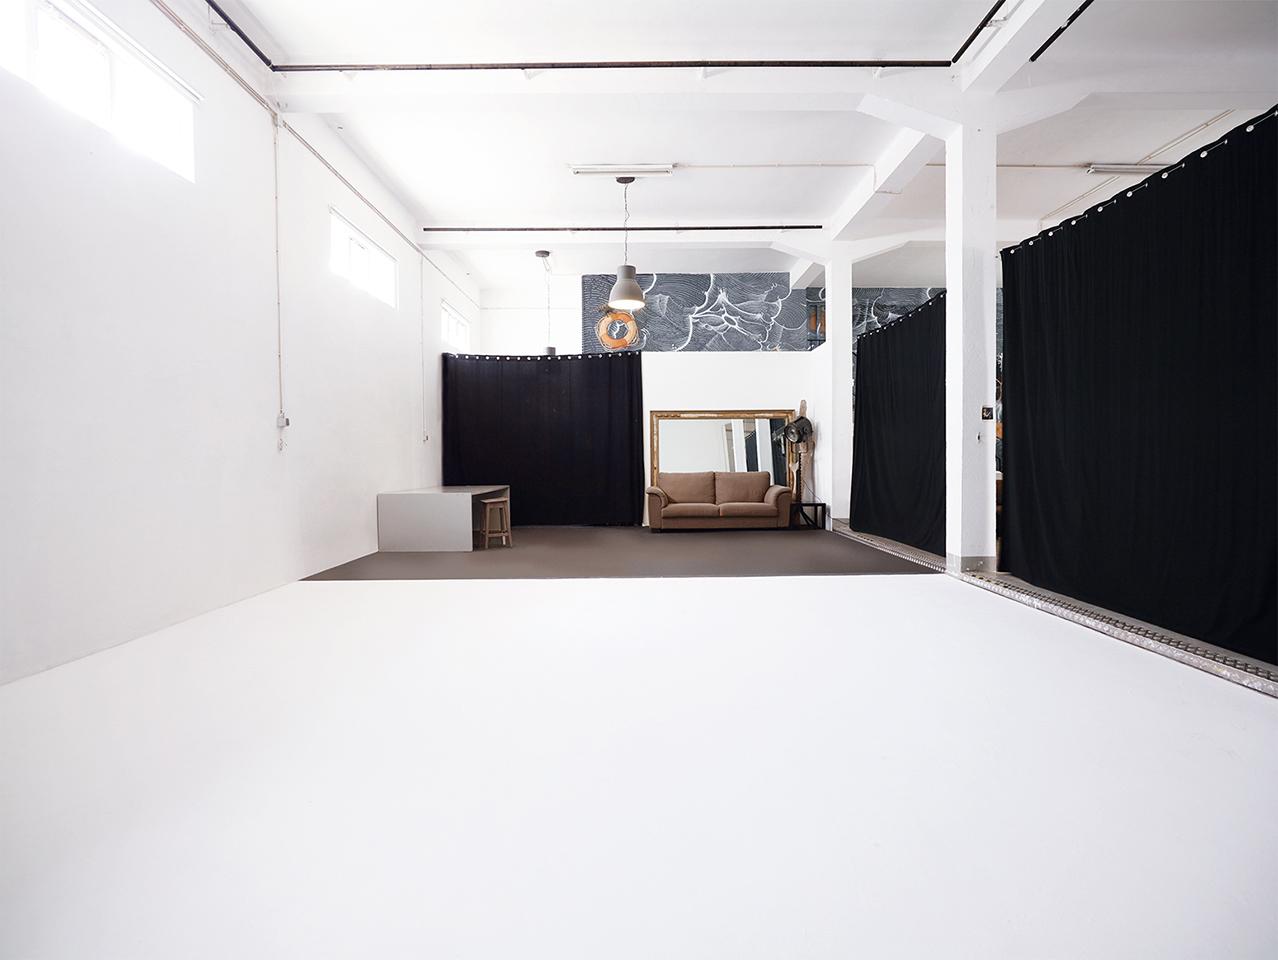 Studio_2019_Piso0_02